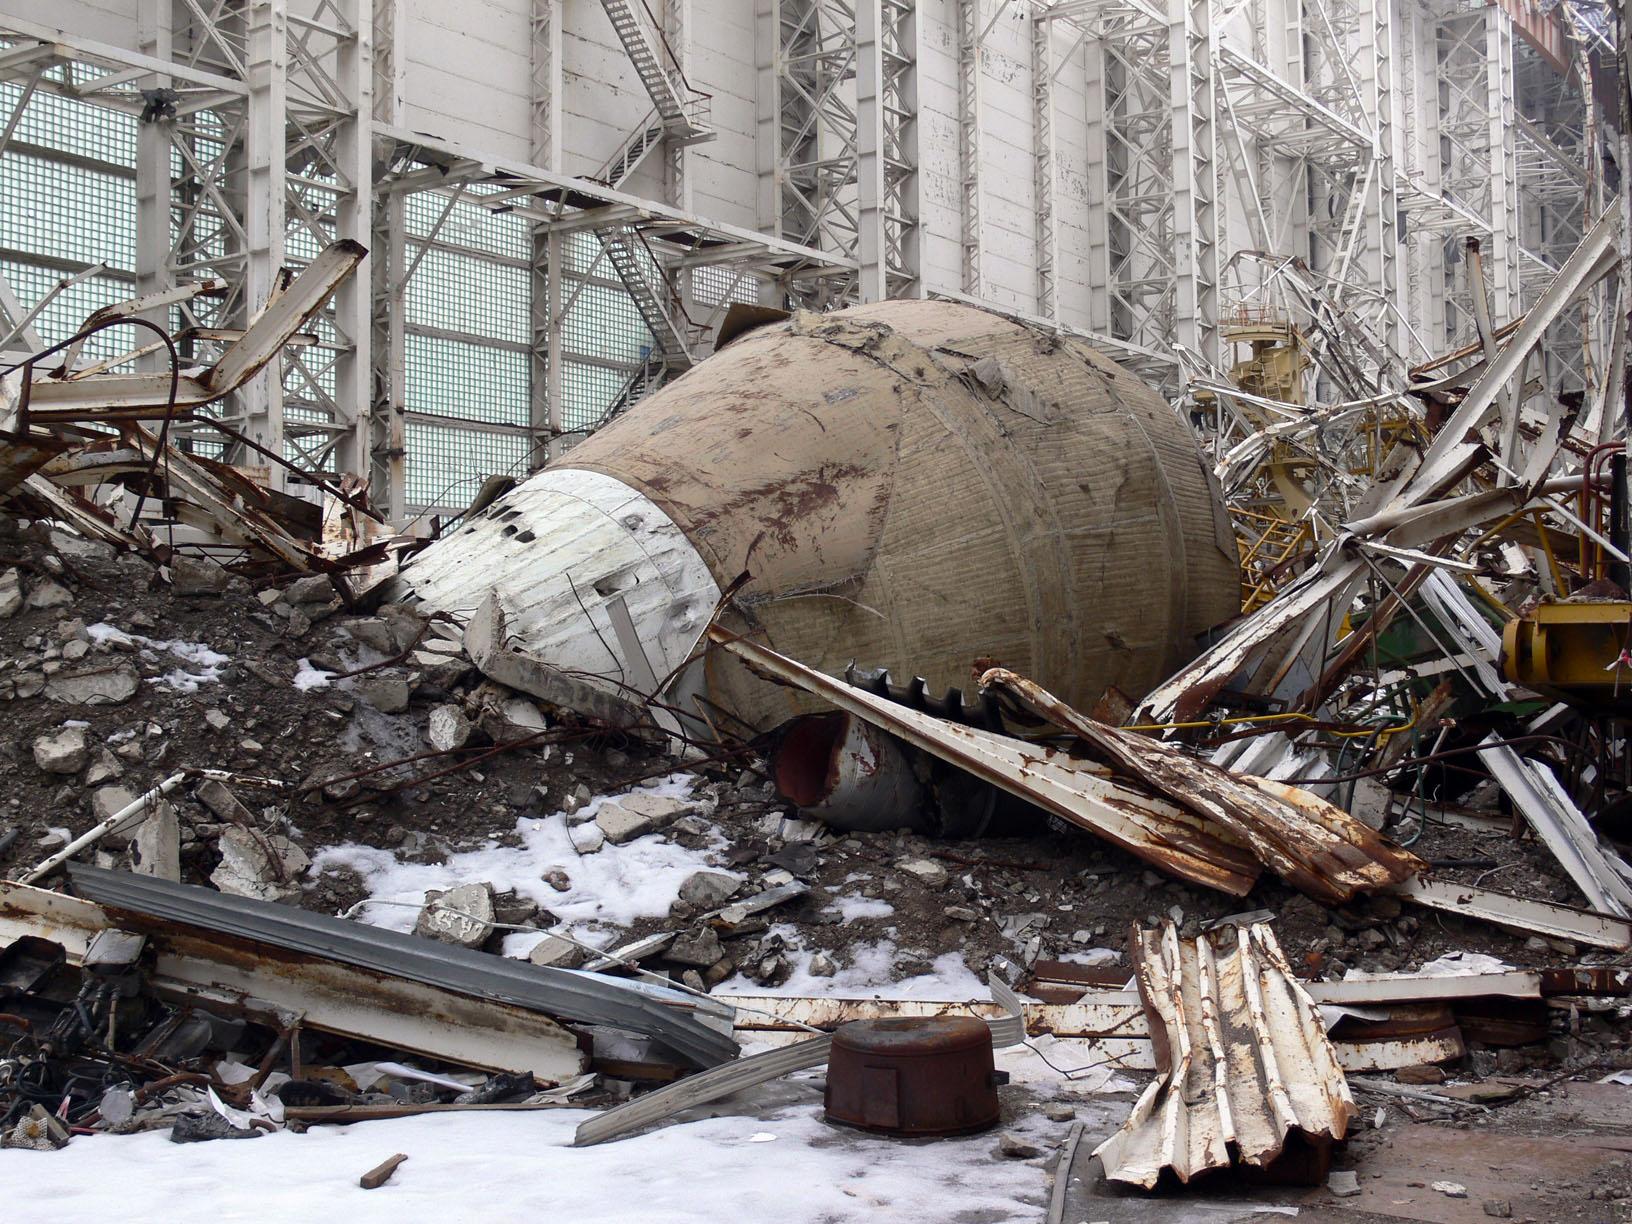 navette spatiale russe buran destruction toit 2002 03 Buran, la navette spatiale Russe